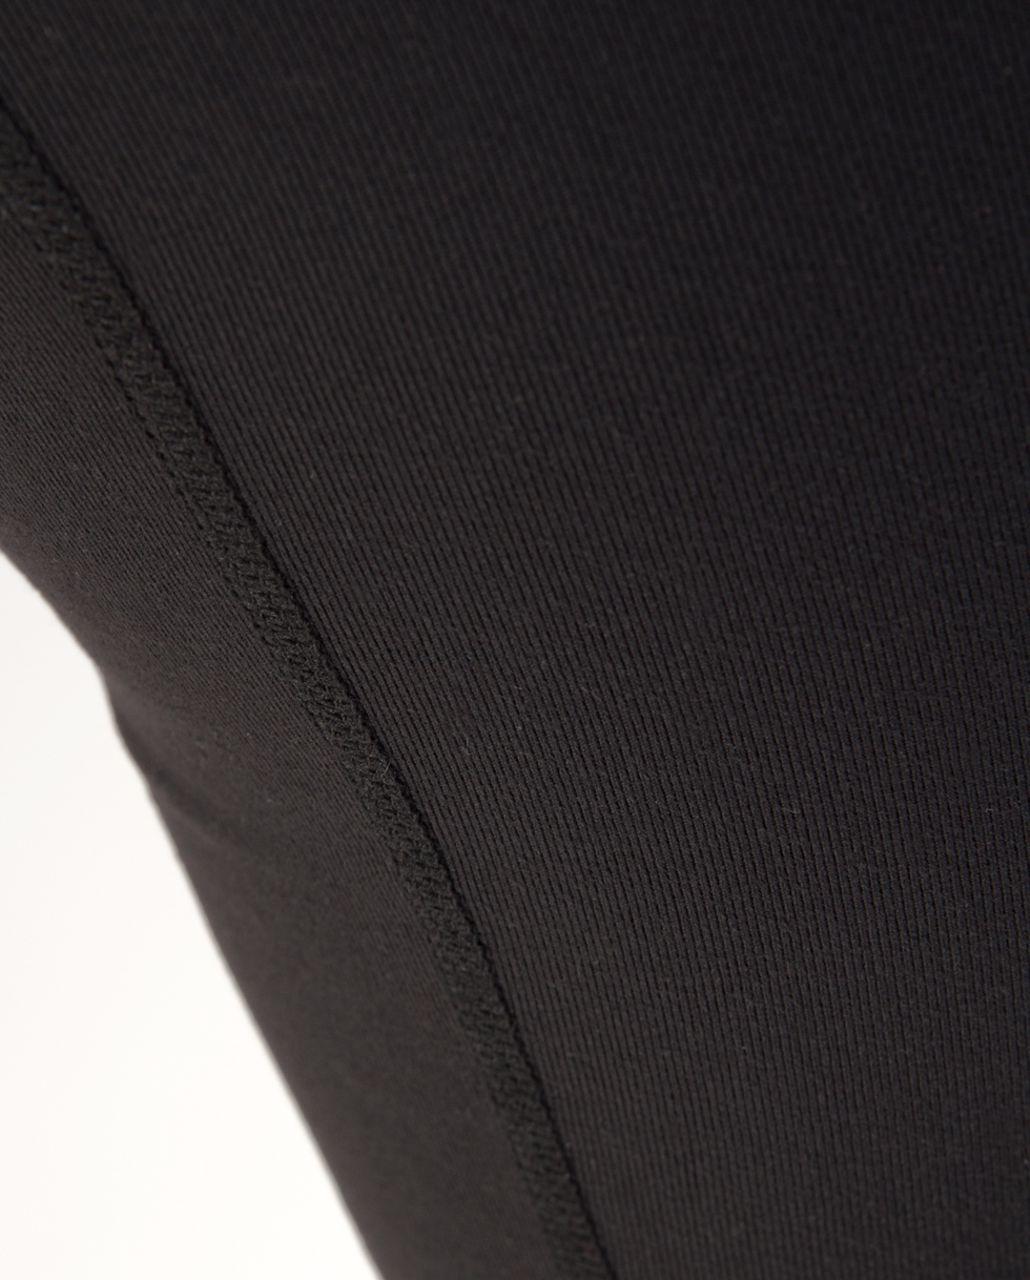 Lululemon Groove Crop - Black /  Quilt 24 /  Coal Wee Stripe